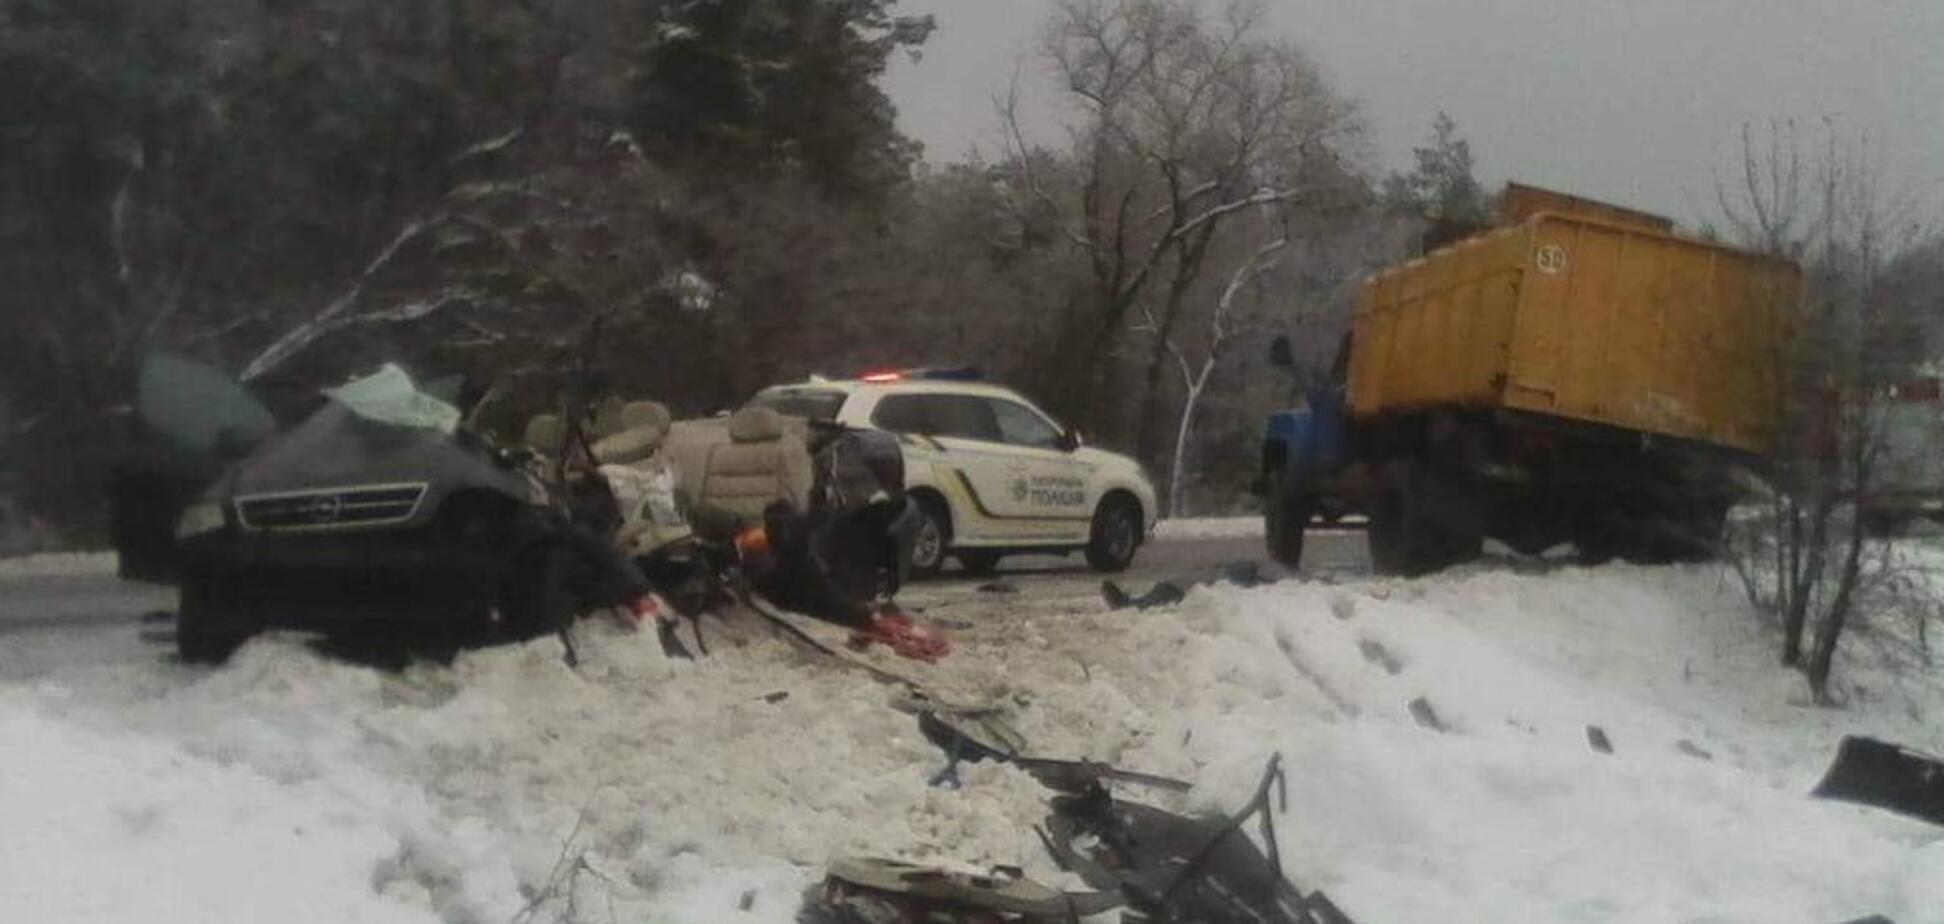 Під Києвом трапилася масштабна ДТП: багато загиблих і поранених. Кадри 18+